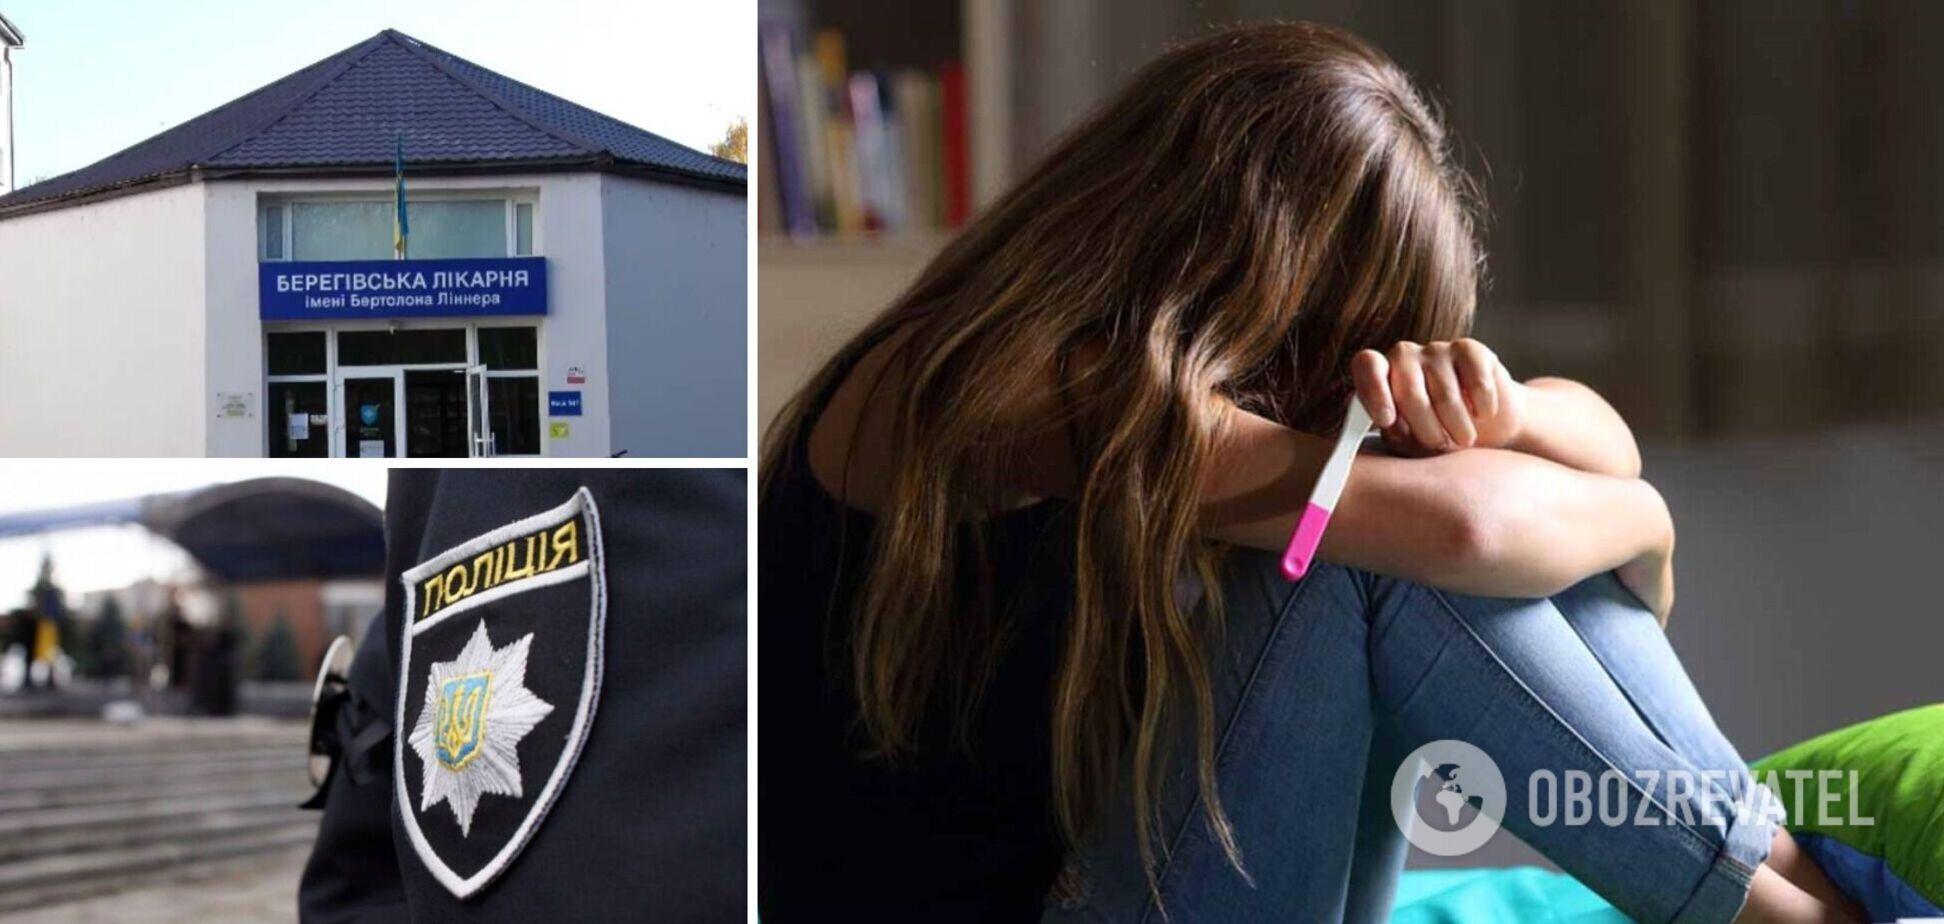 Поліція порушила кримінальну справу через вагітність 11-річної дівчинки на Закарпатті: що загрожує батьку